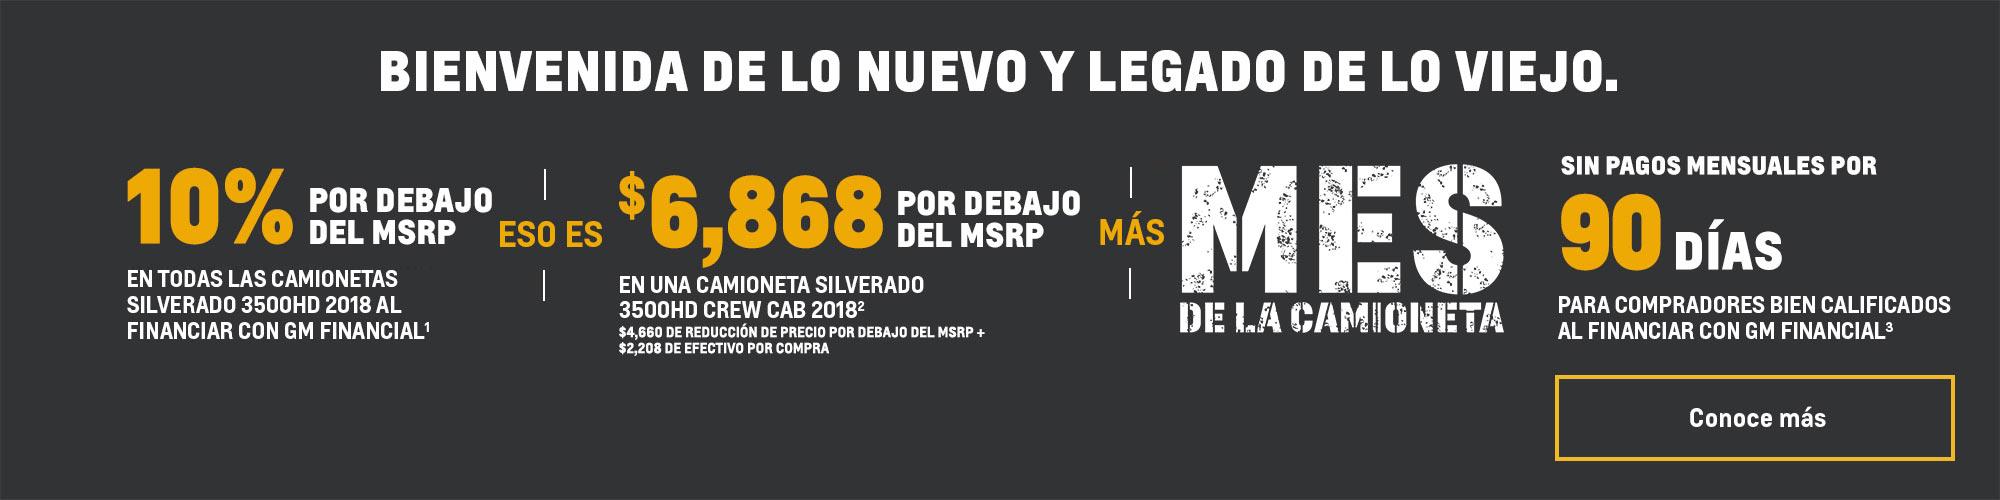 Ofertas del Mes de la Camioneta: Camionetas pickup Silverado 3500HD - 10% por debajo del MSRP